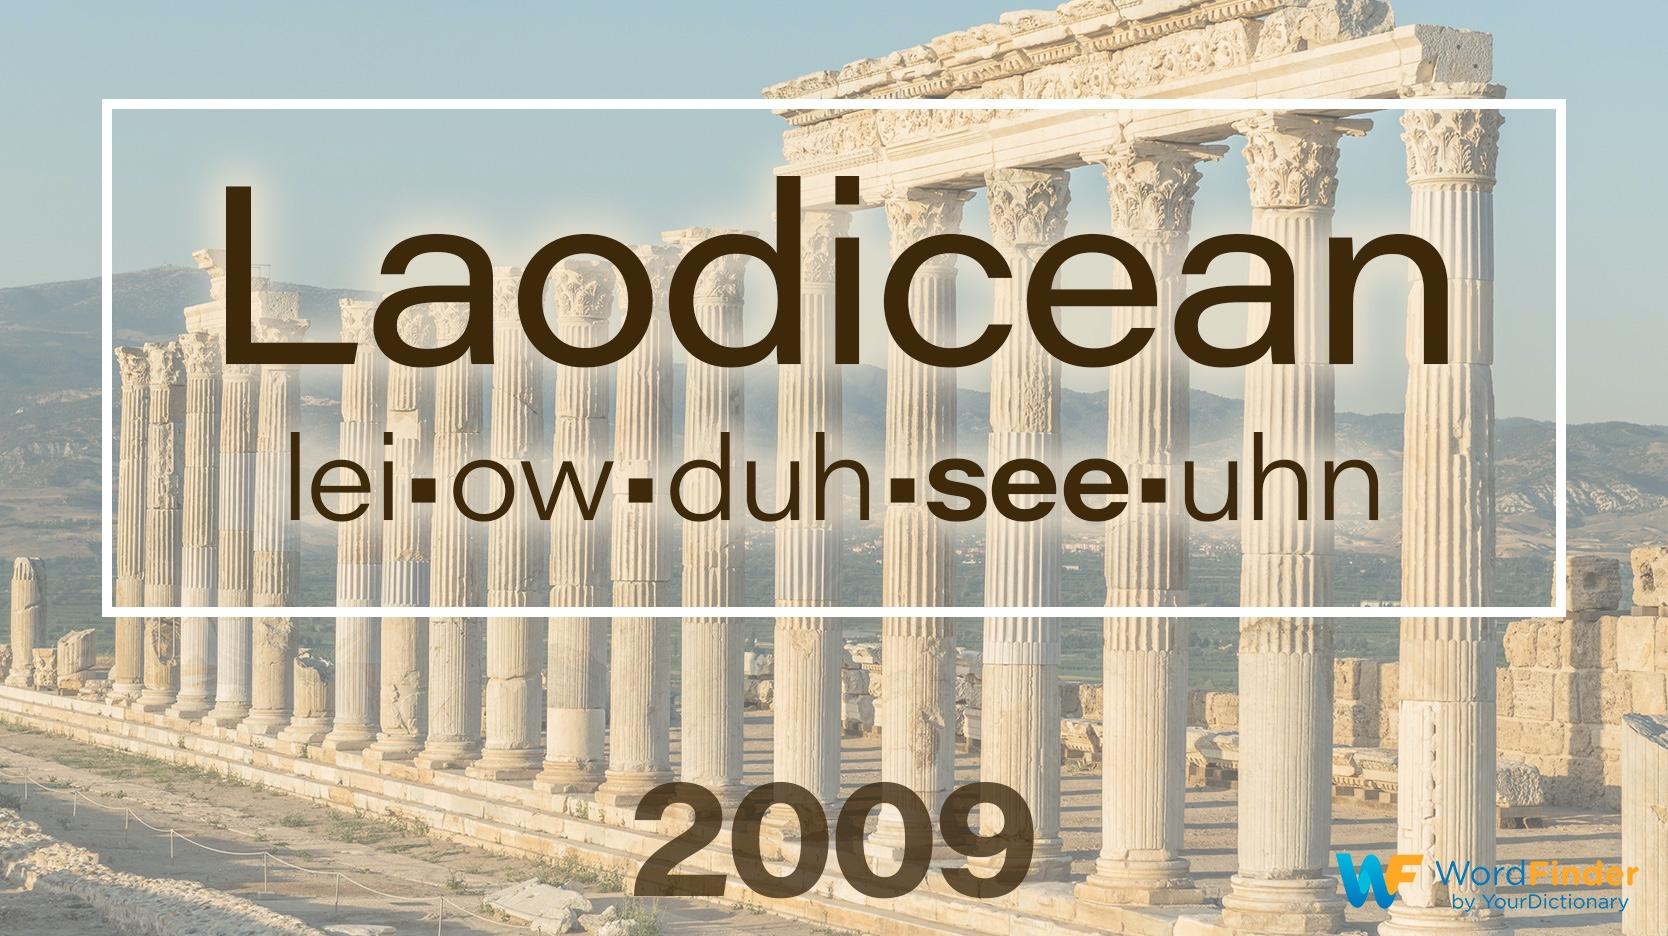 national spelling bee winning word laodicean